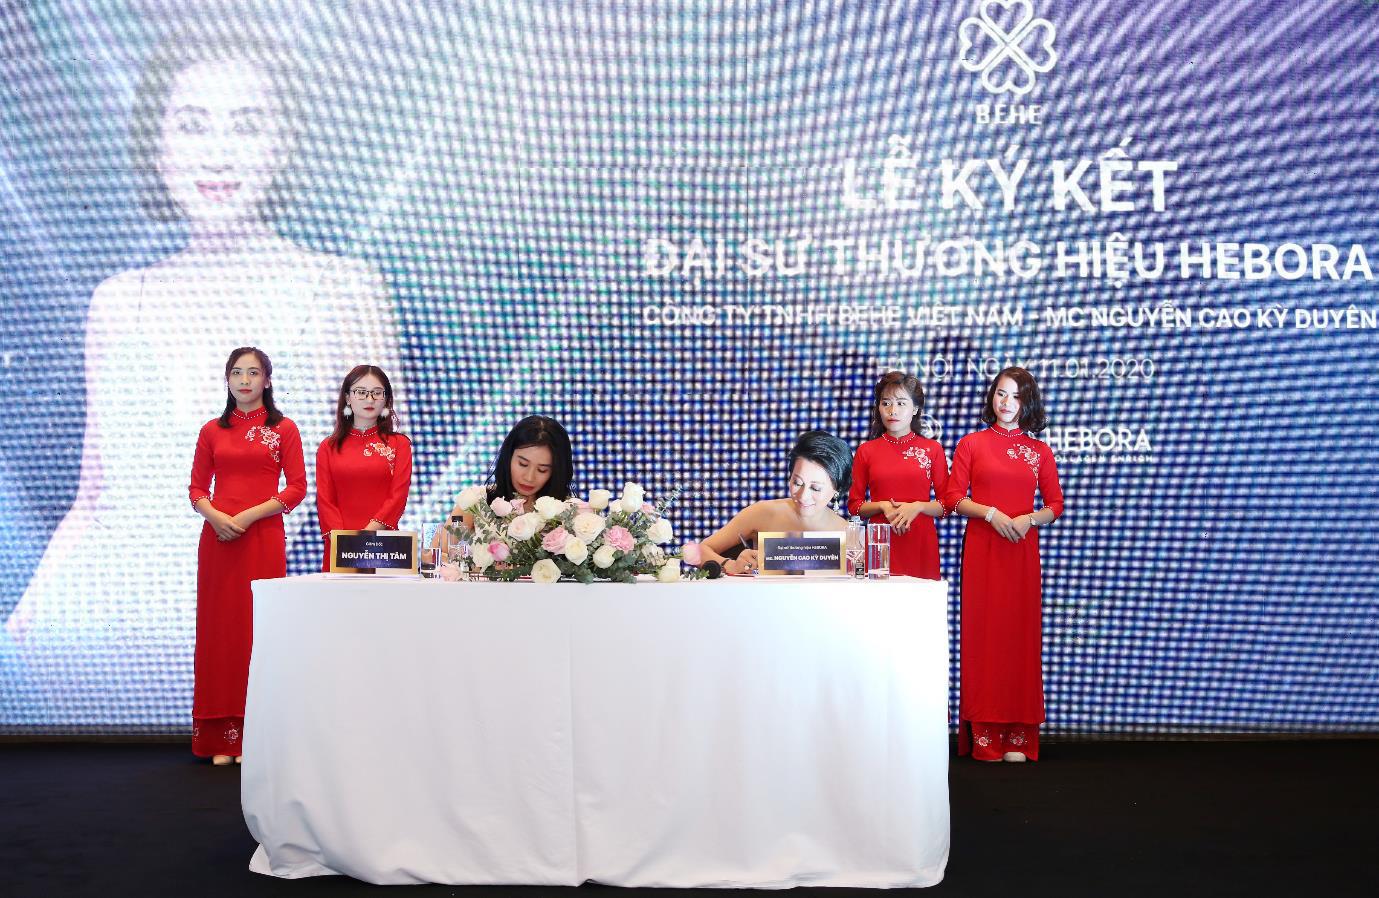 MC Nguyễn Cao Kỳ Duyên xinh đẹp rạng rỡ trong buổi ký kết đại sứ thương hiệu Hebora với BEHE Việt Nam - Ảnh 3.